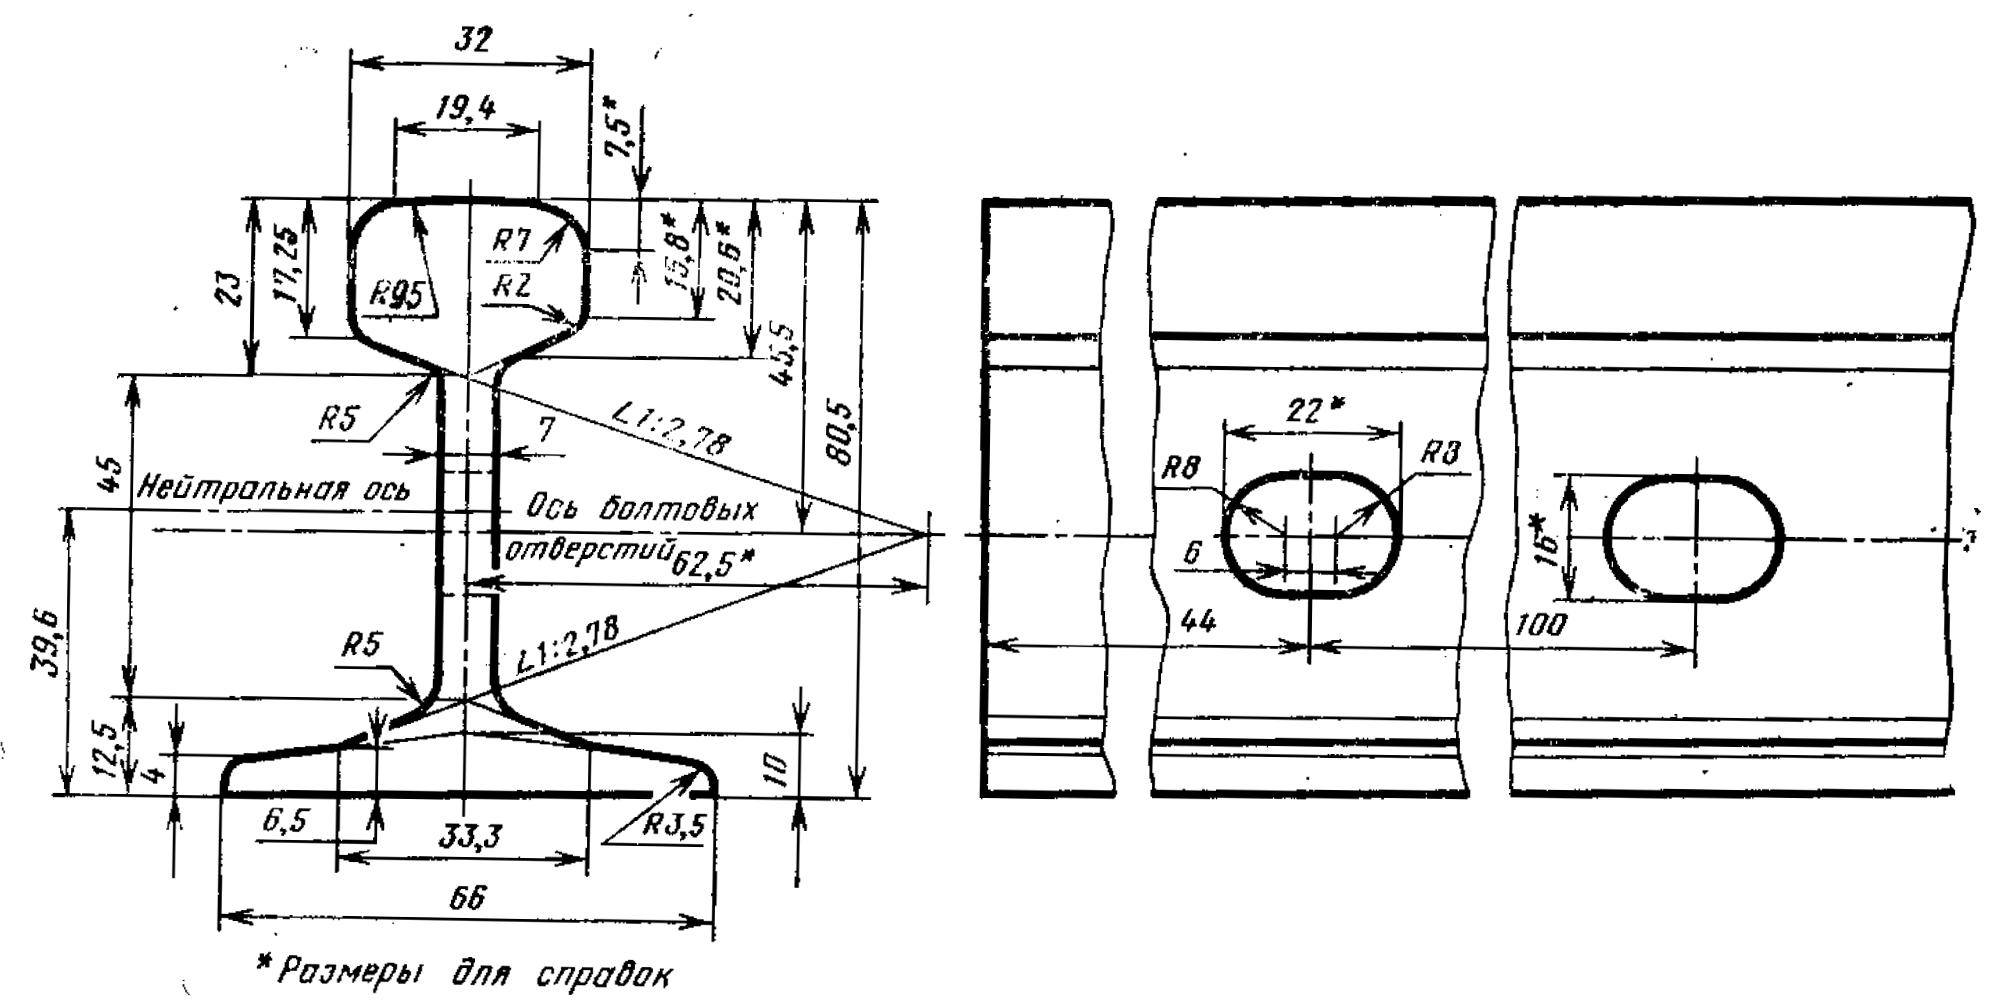 Чертеж и размеры рельс Р11